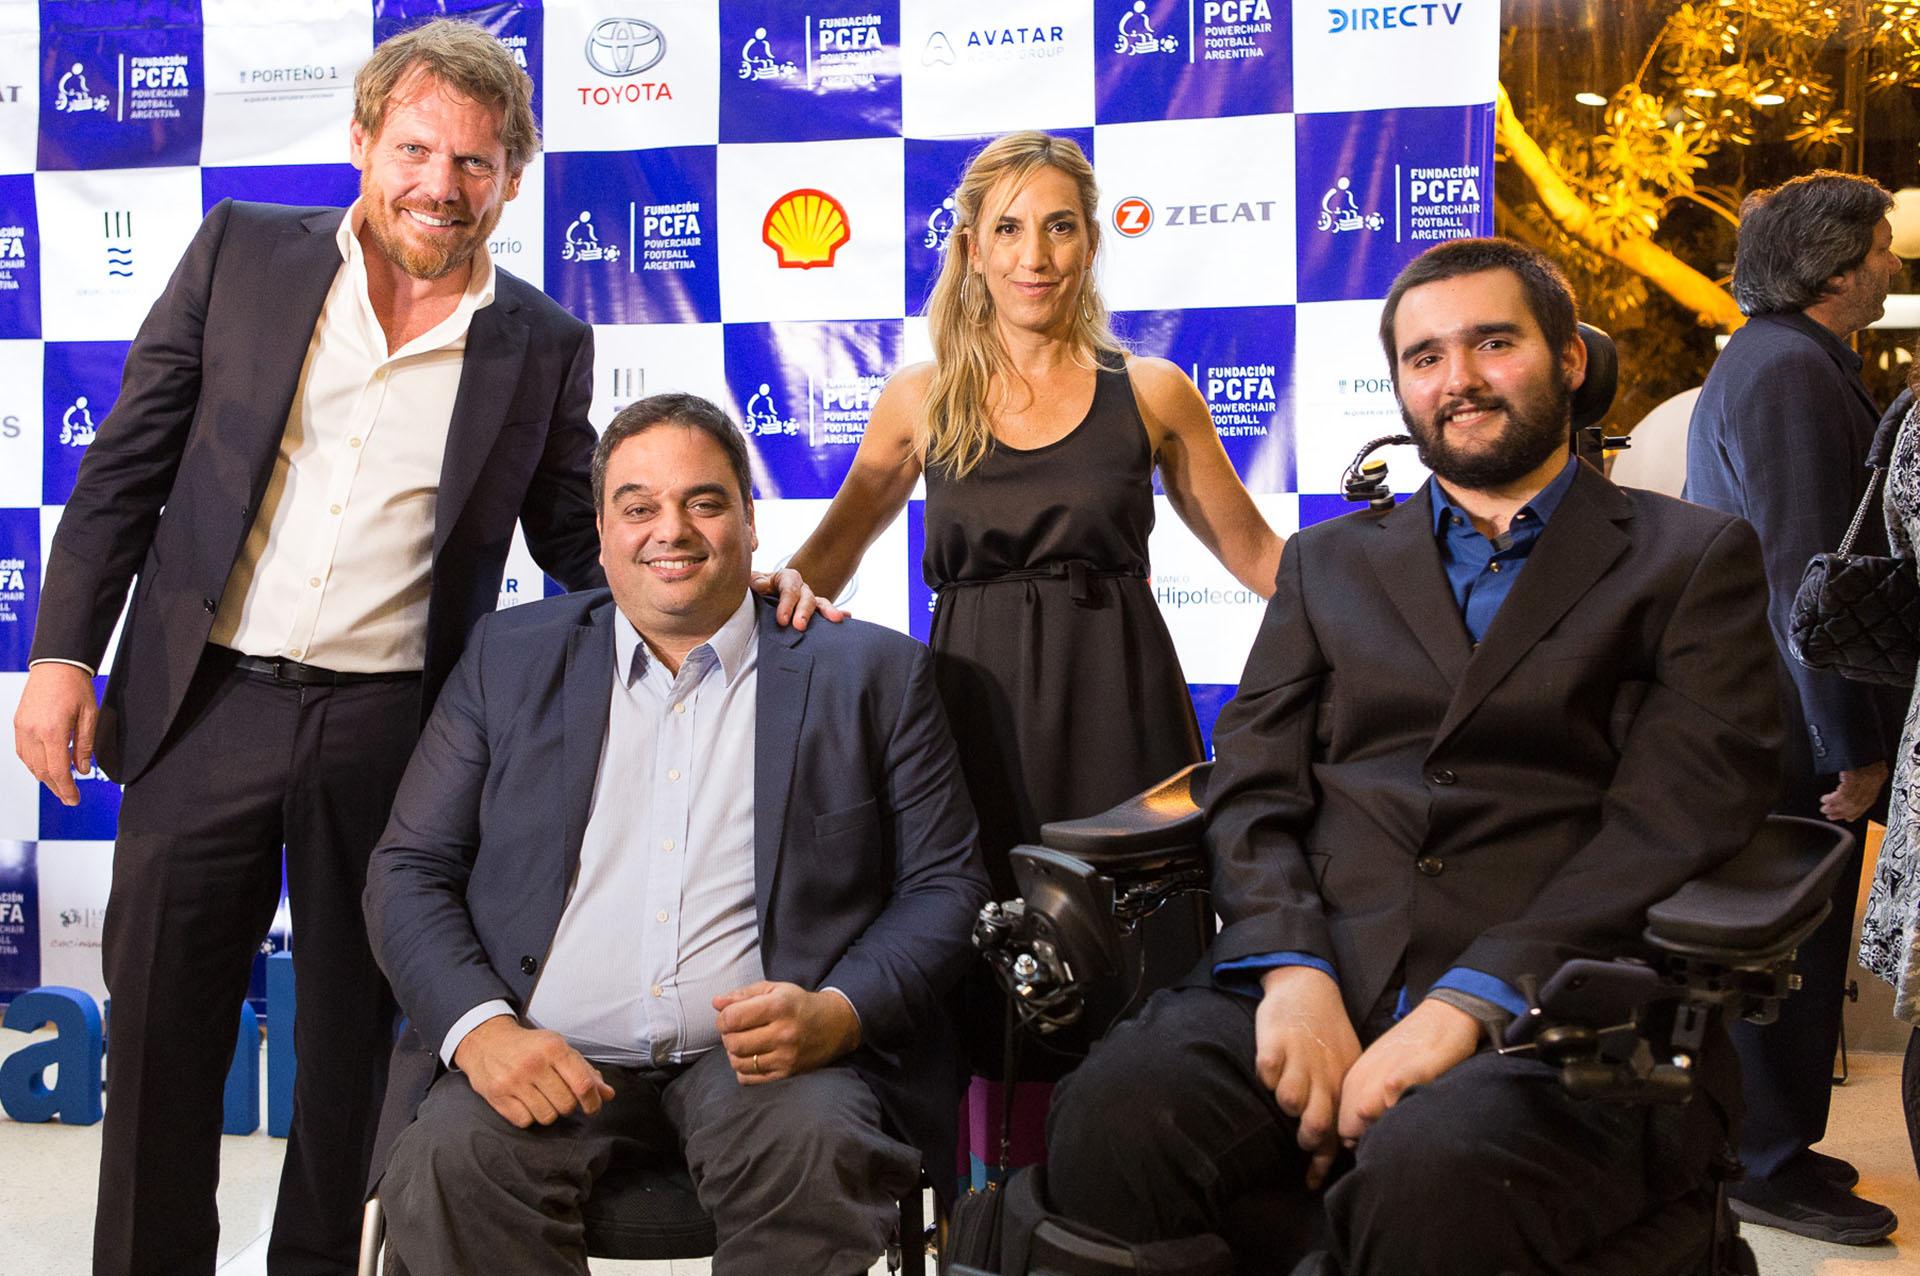 En esta 4ta Cena Solidaria, participaron 500 personas y se recaudaron más de $4.6 millones, que serán destinados a desarrollar este deporte en el país